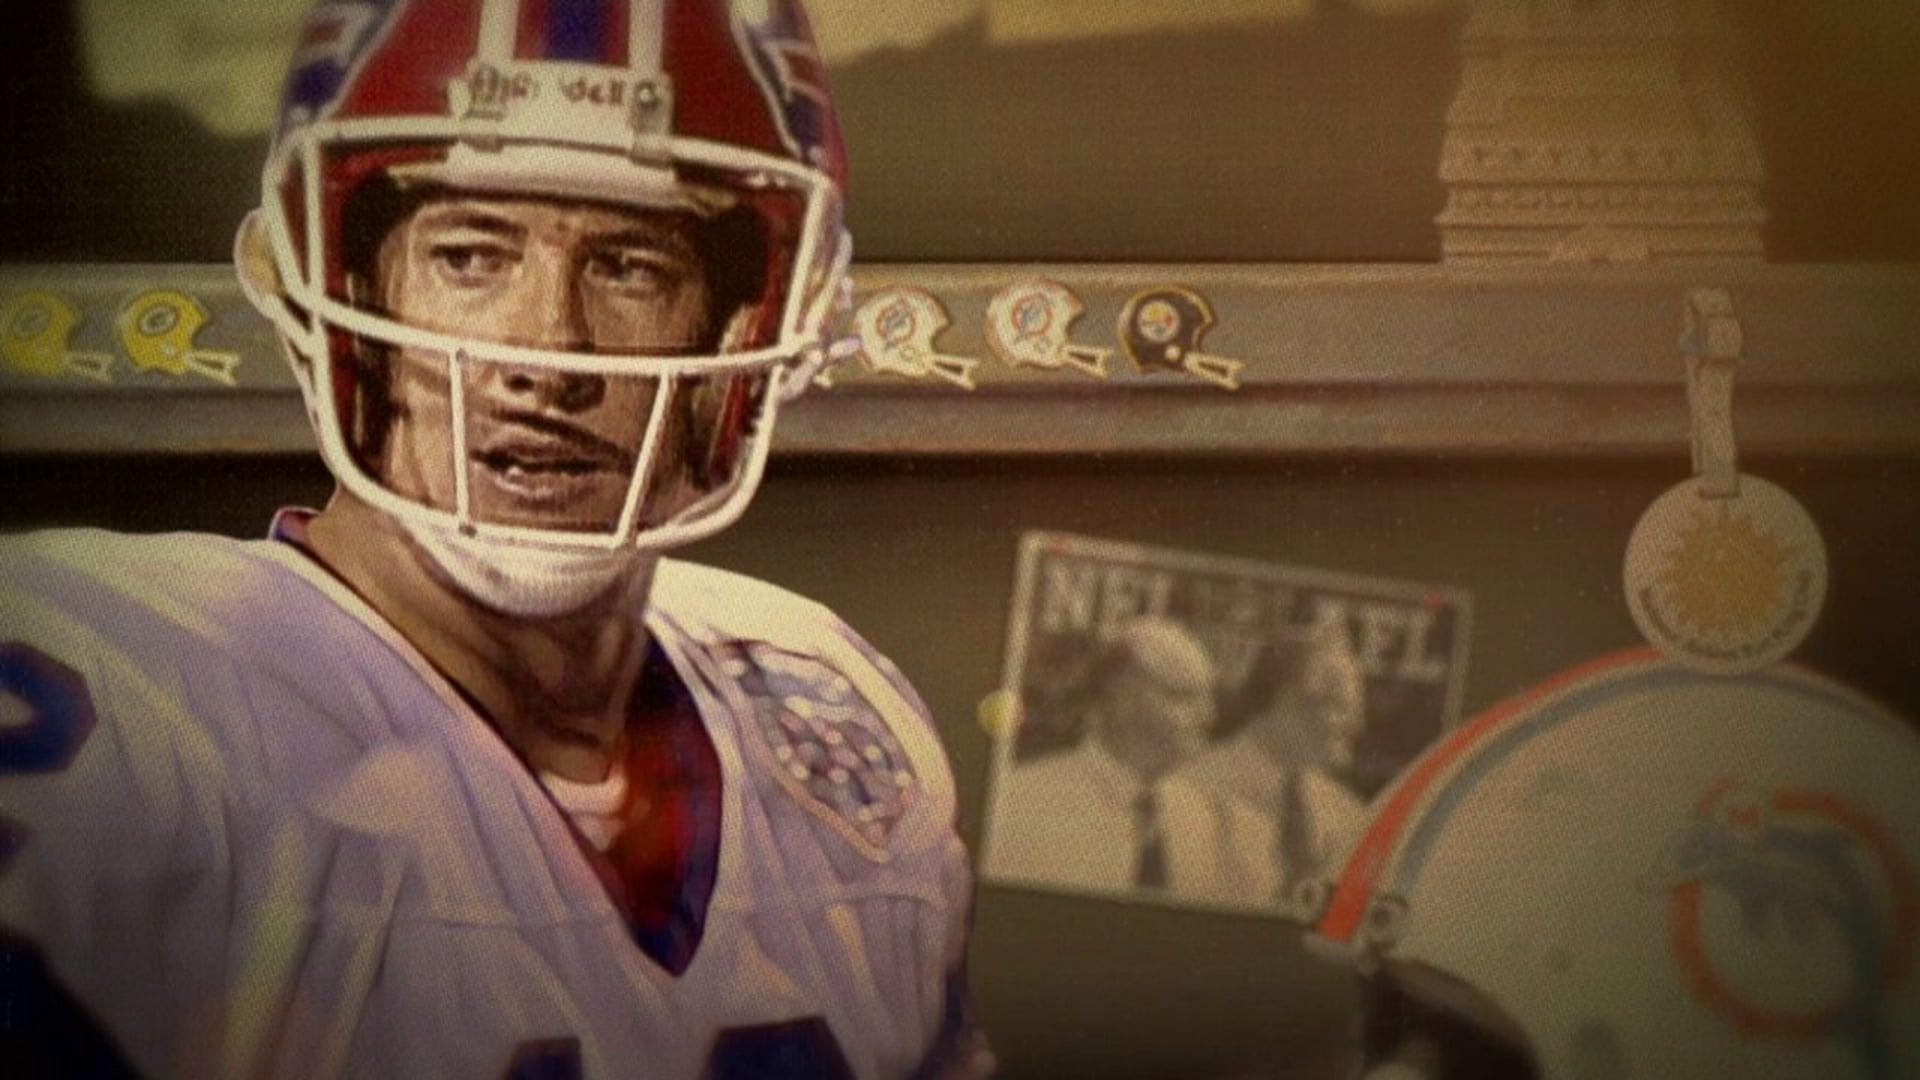 NFL Network Super Bowl Classics XXV